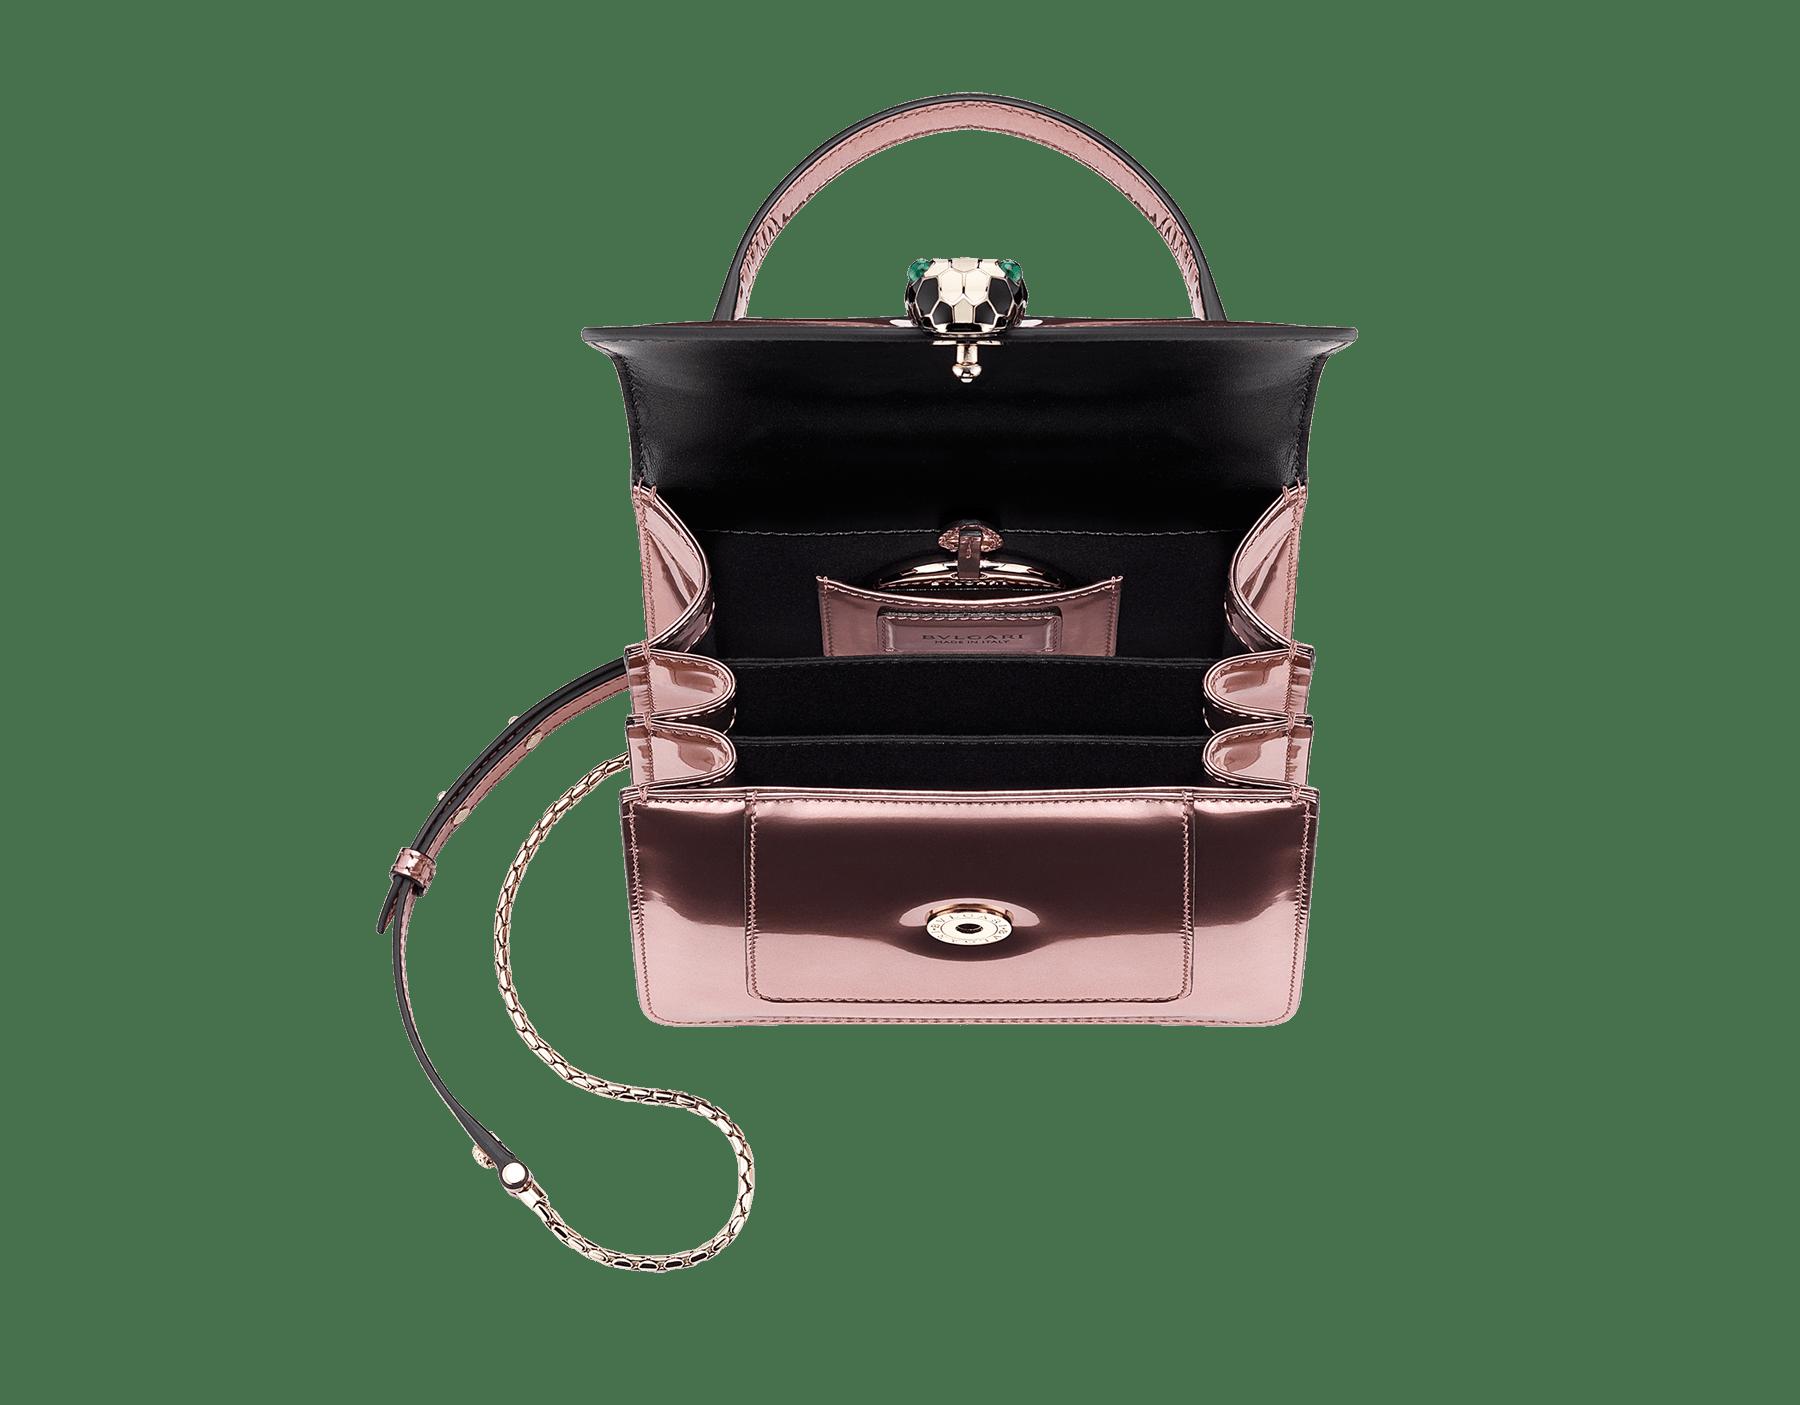 Bolsa com aba Serpenti Forever em couro de novilho rosa-quartzo metálico escovado. Detalhes em latão banhado a ouro claro e fecho em formato de cabeça de serpente esmaltado preto e branco, com olhos de malaquita verde. 284802 image 5